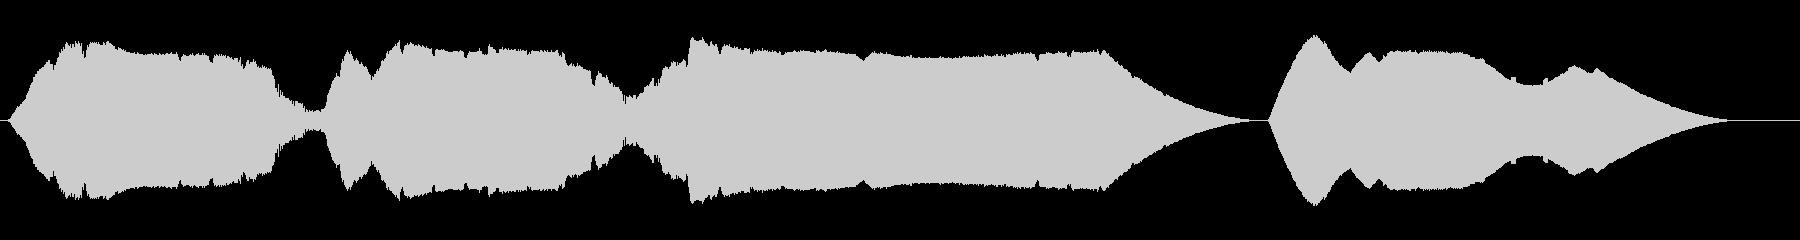 トーンシンセ怒りエイリアンスイープの未再生の波形